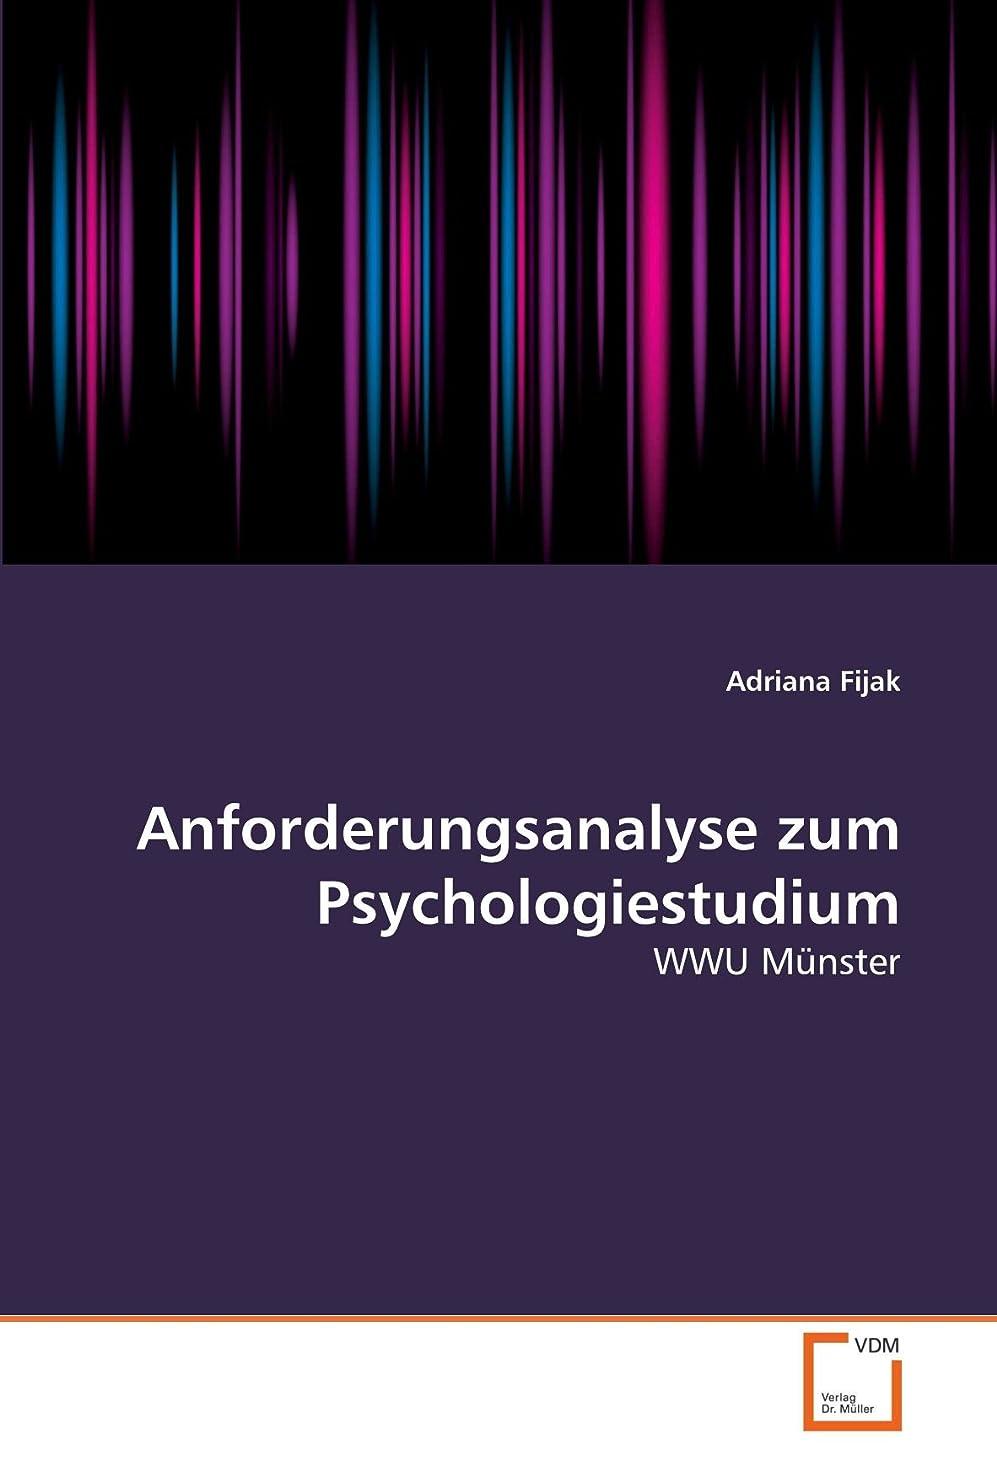 侵入最後に楽しいAnforderungsanalyse zum Psychologiestudium: WWU Muenster